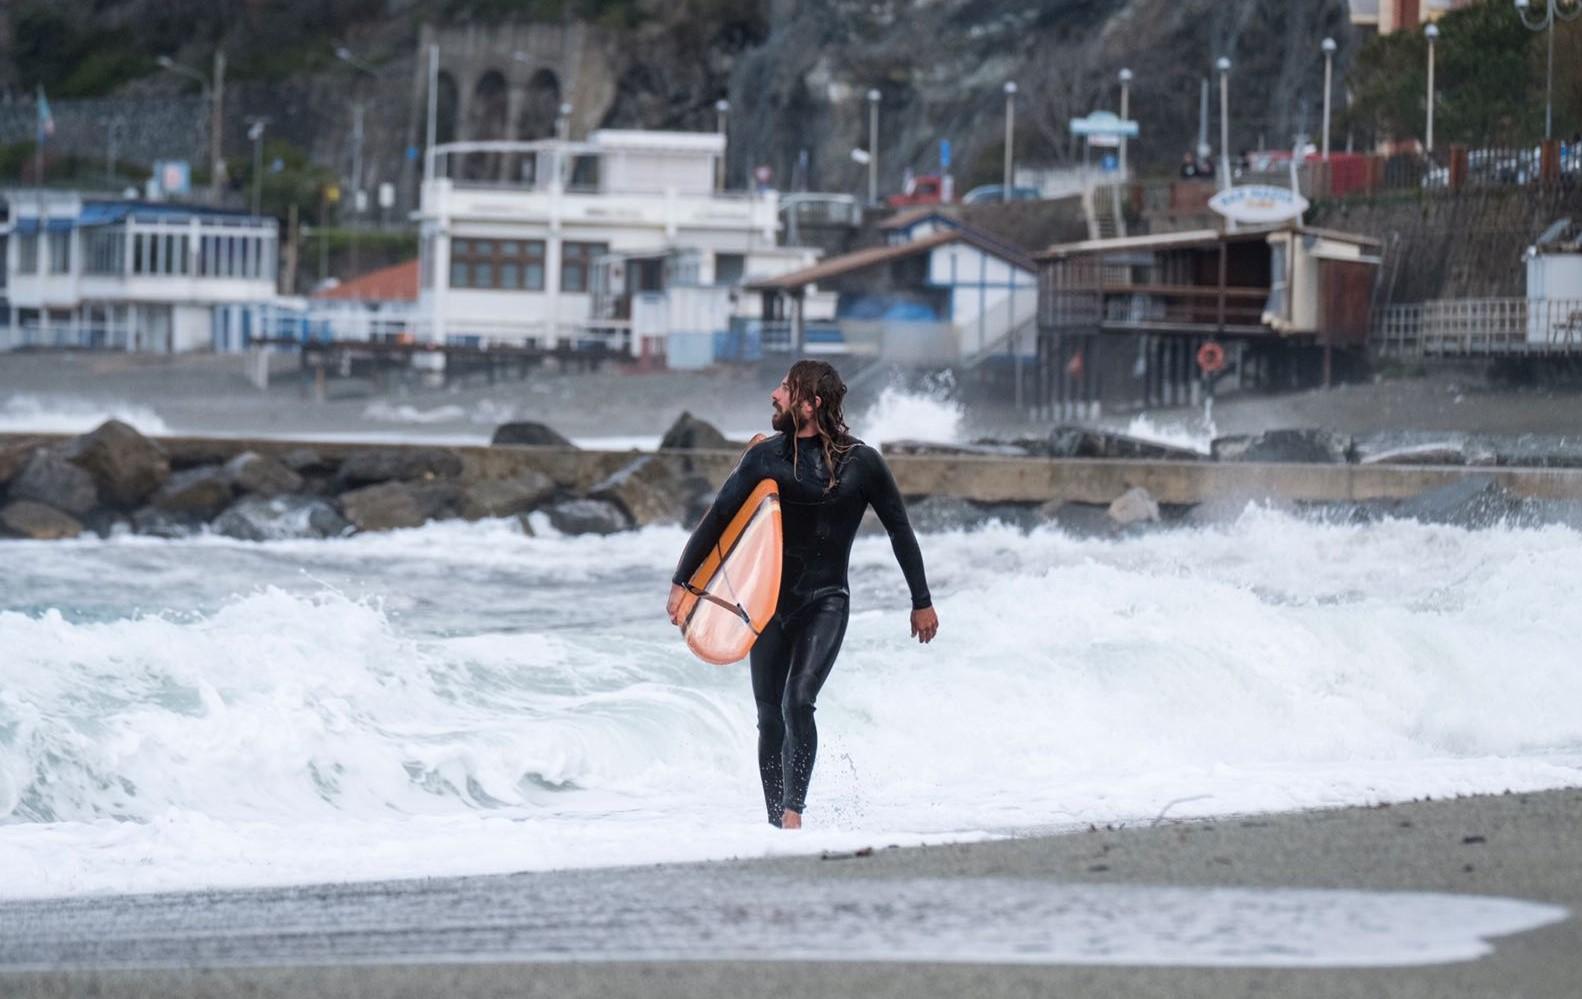 Surfing the Mediterranean